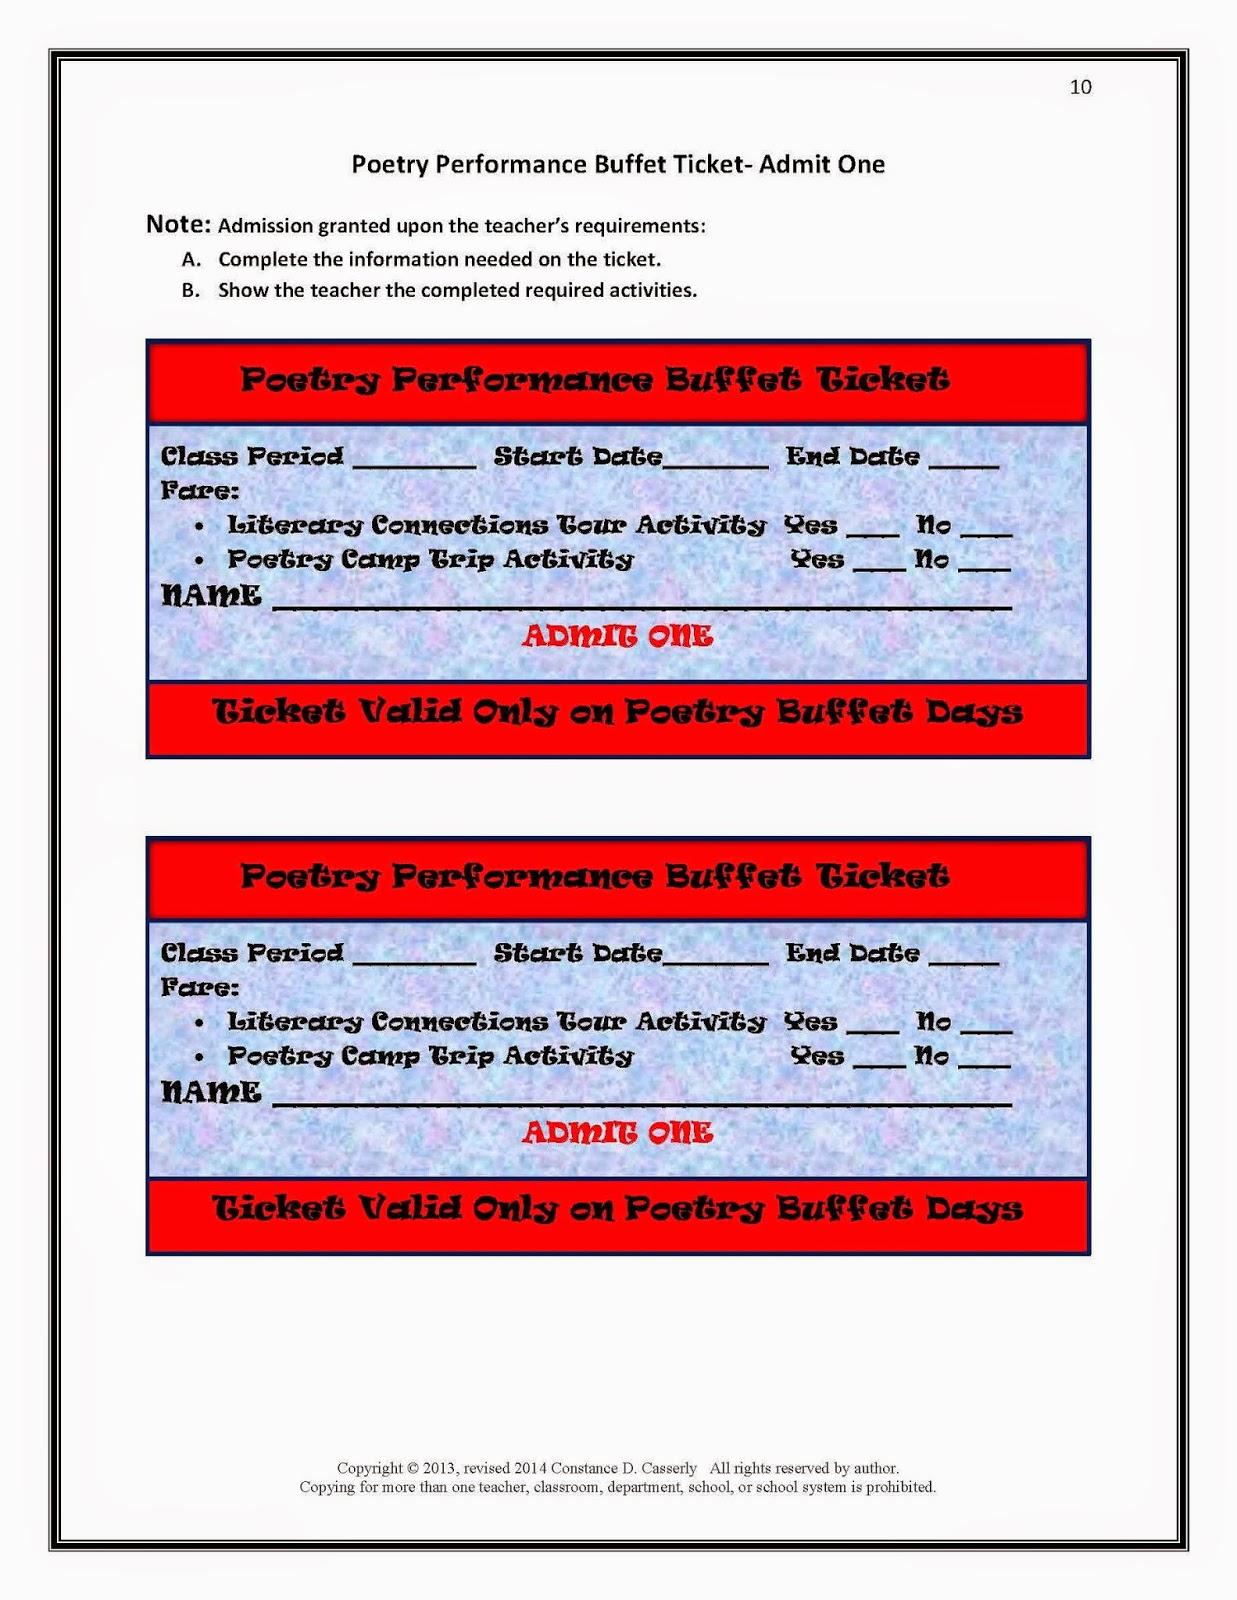 Performance Buffet Ticket